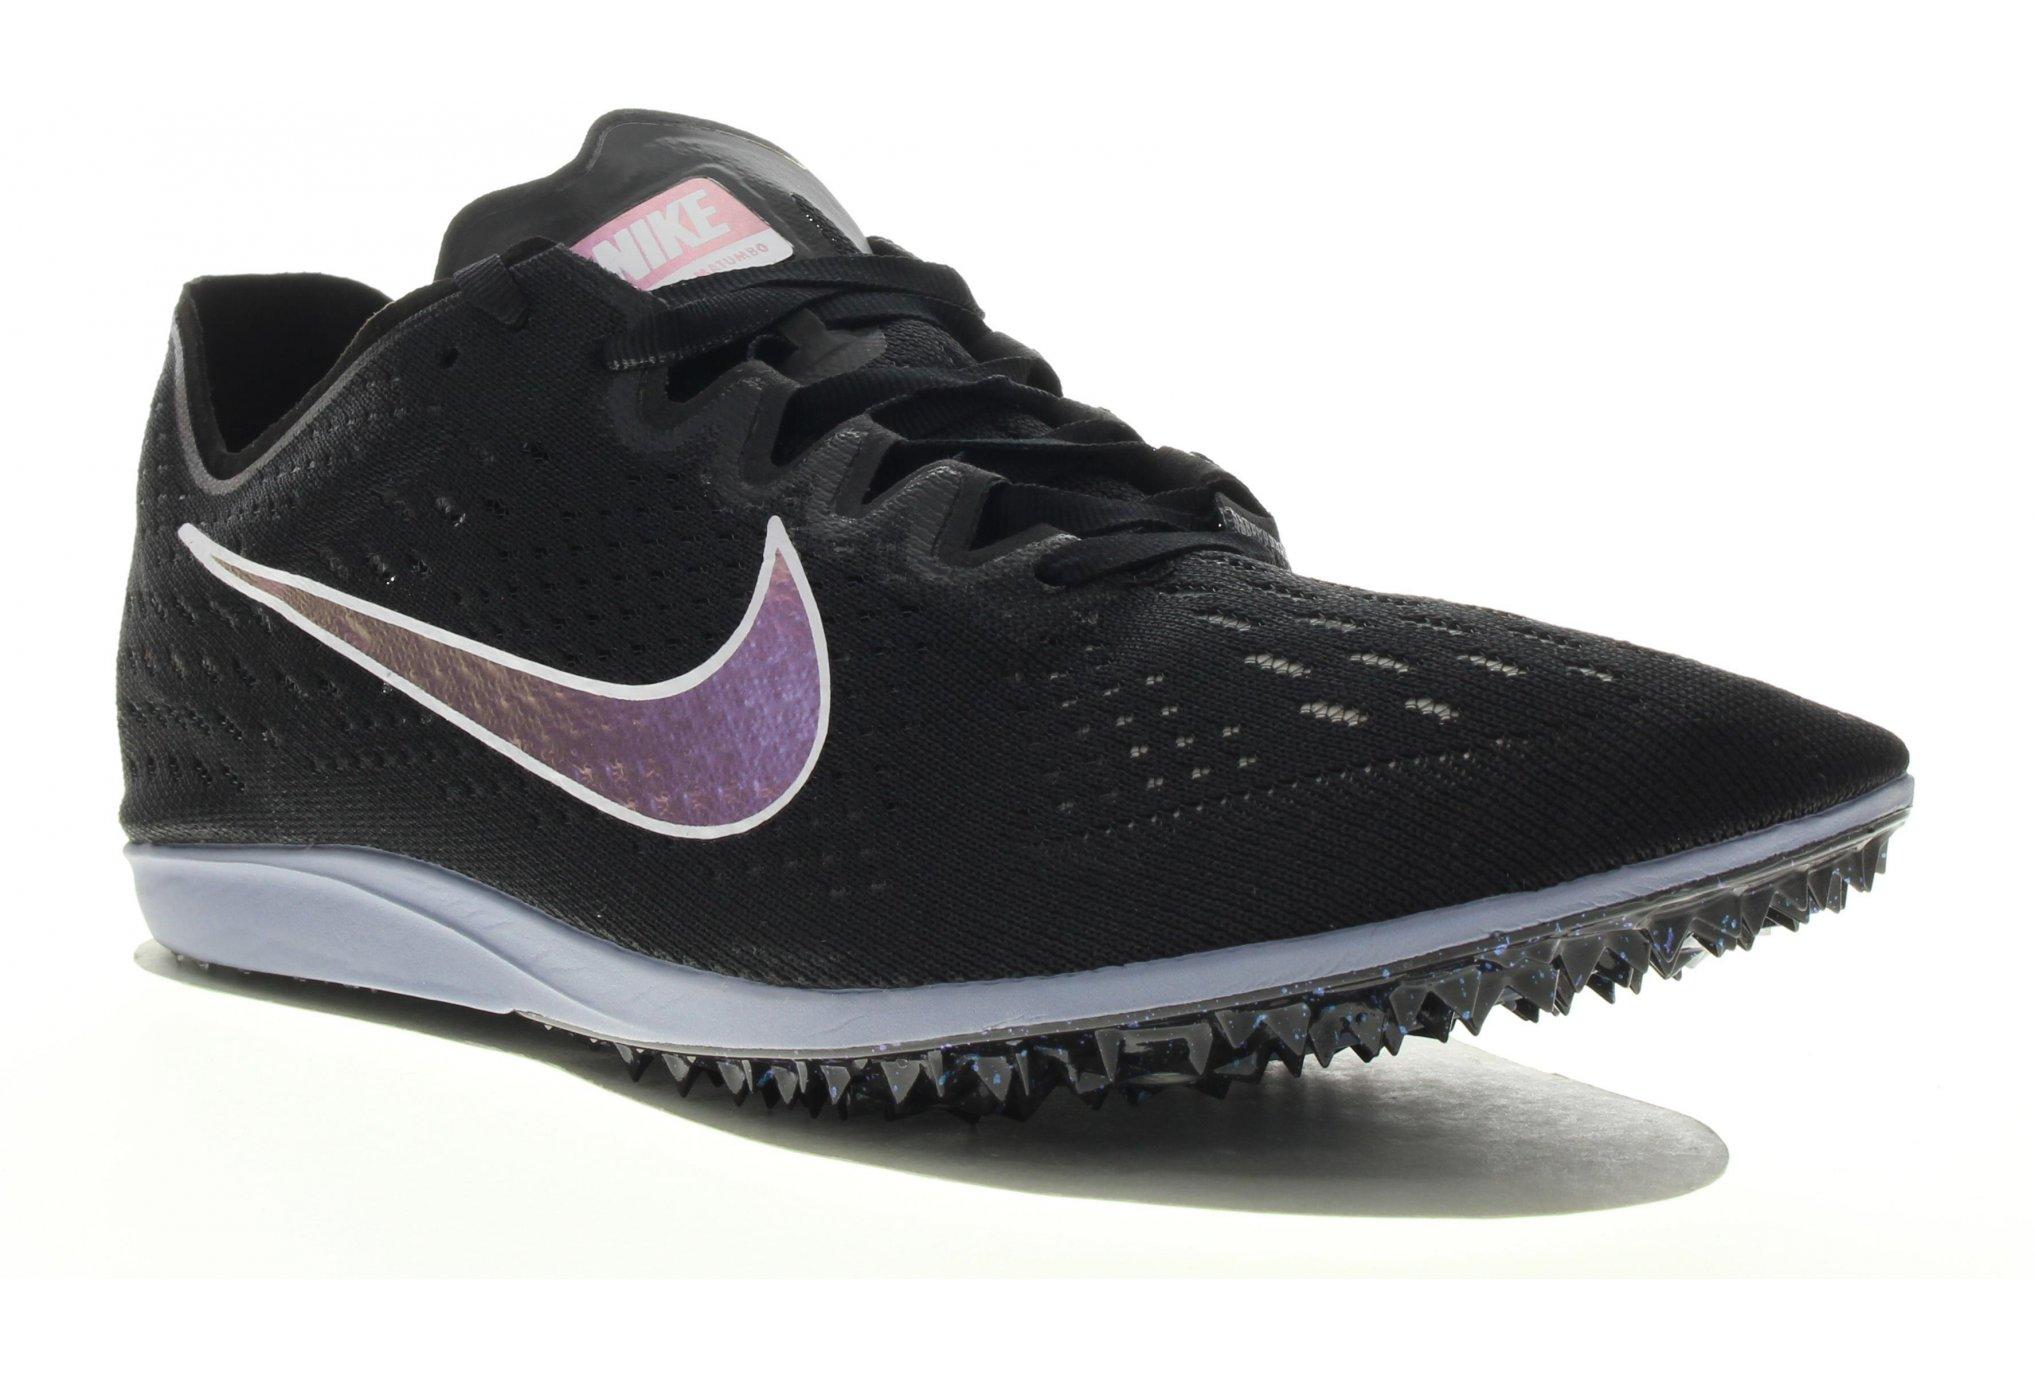 Nike Zoom Matumbo 3 M Chaussures homme